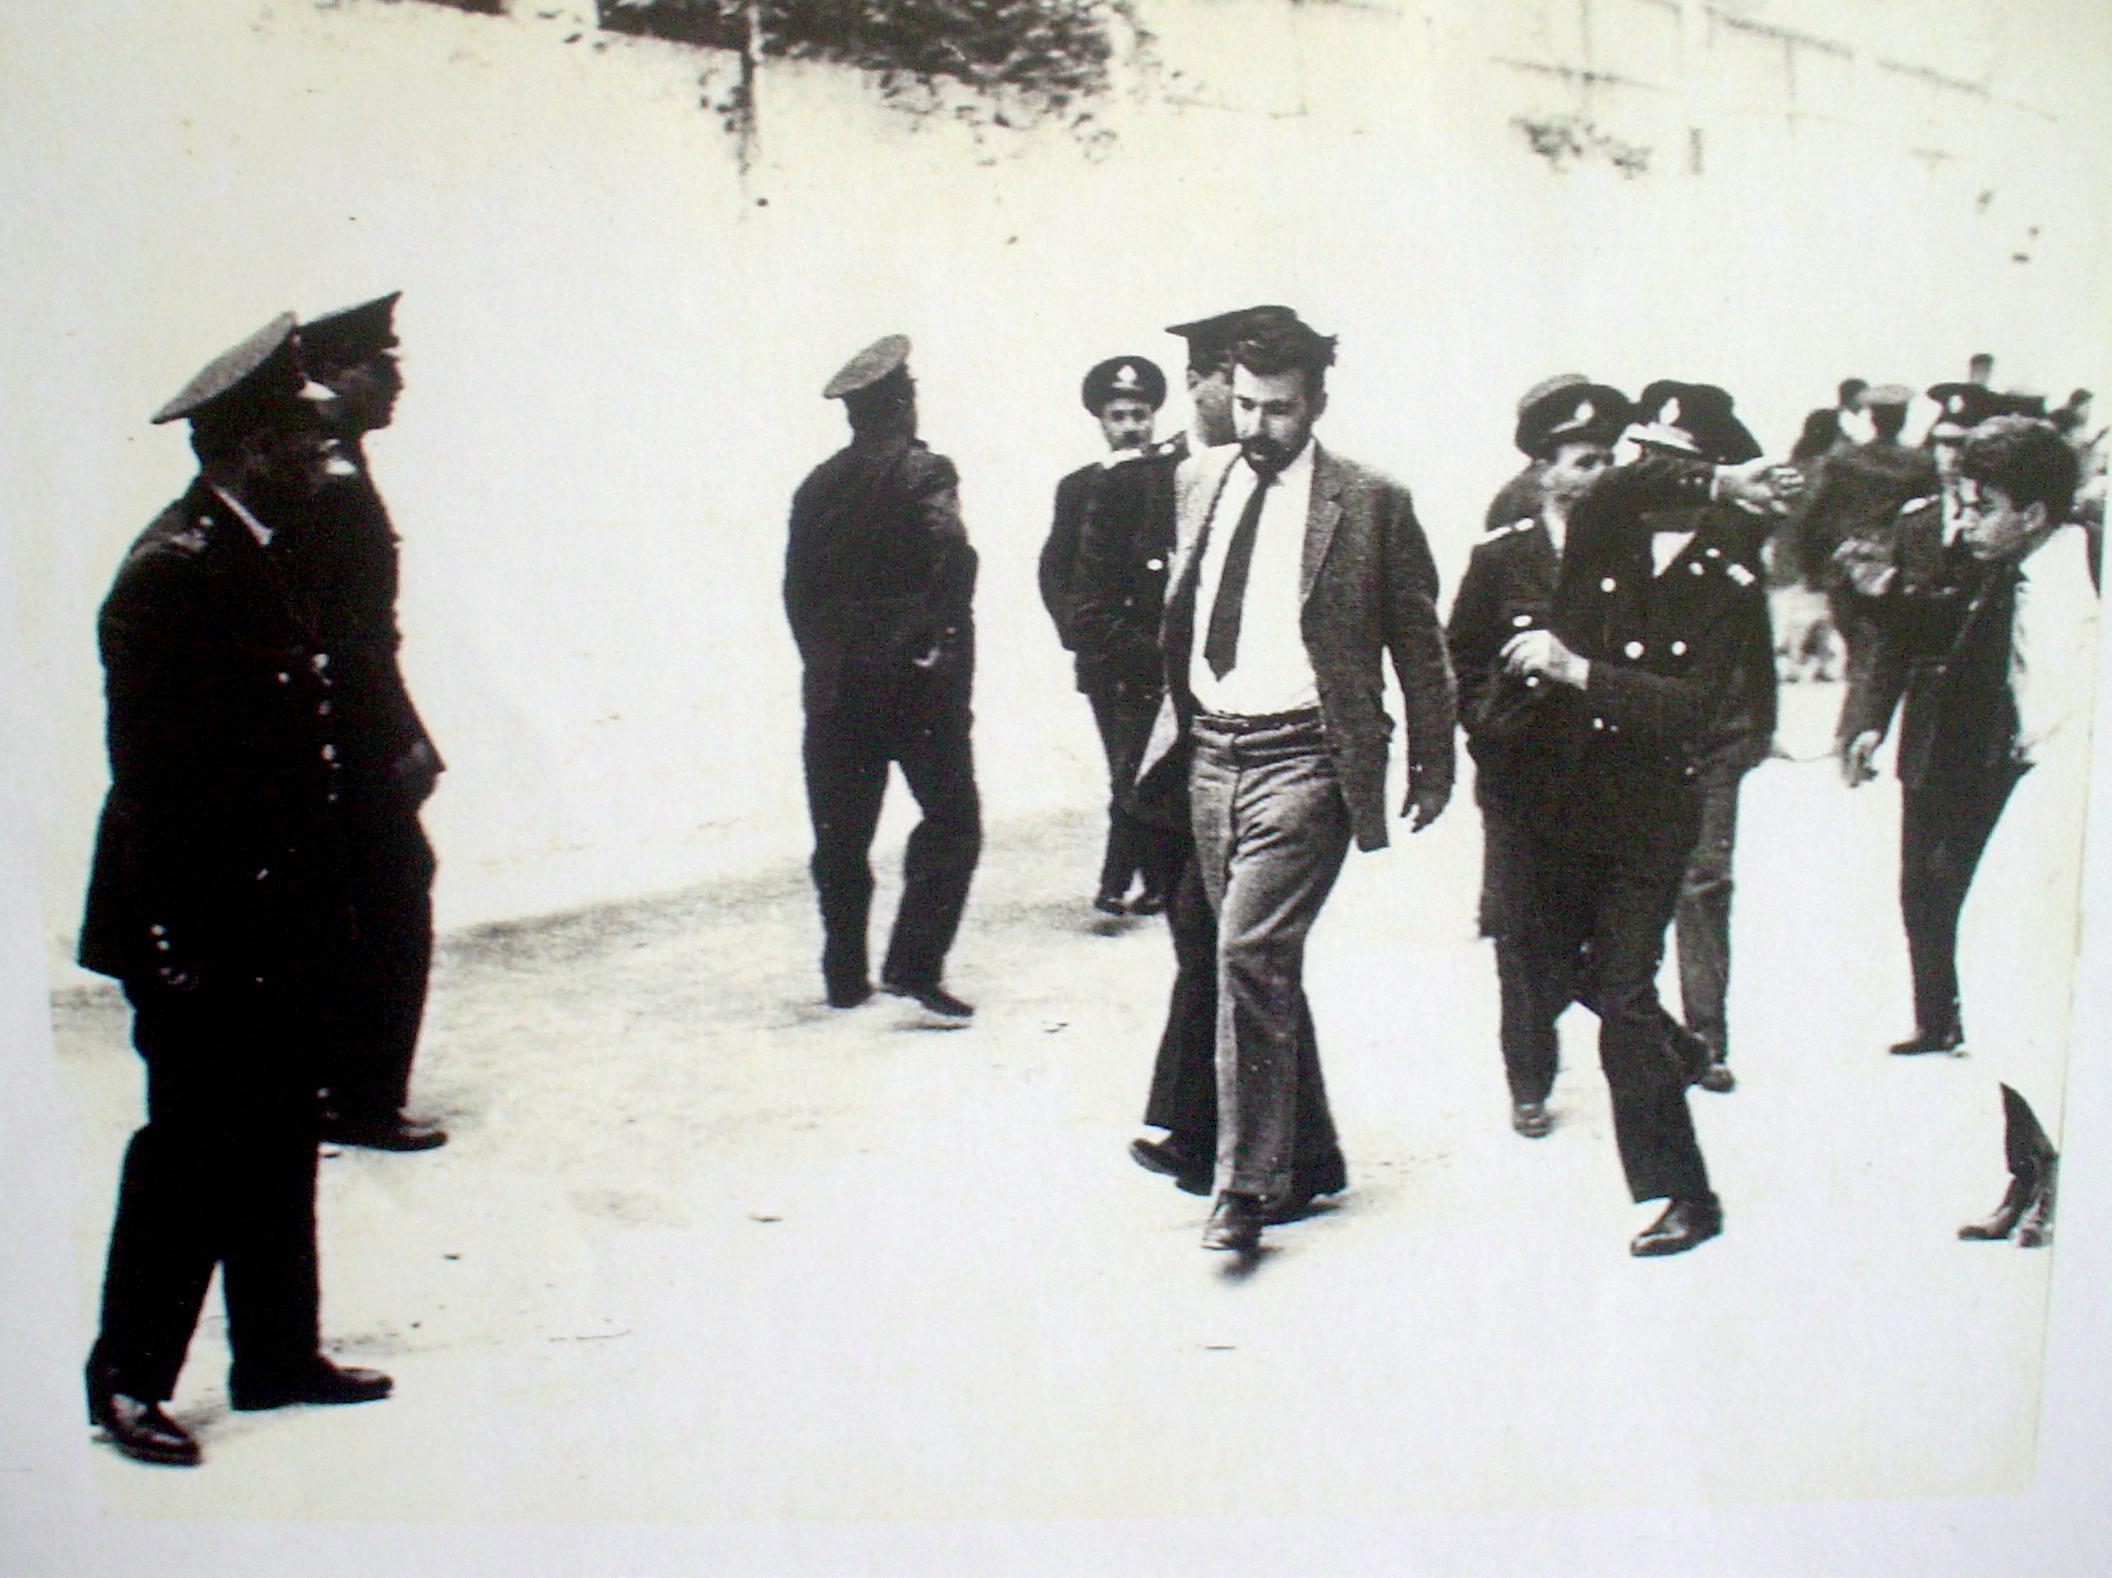 Ο Μιχ. Περιστεράκης συλλαμβάνεται από αστυνομικούς, ενώ ένας αξιωματικός σηκώνει το χέρι για να χτυπήσει τον Ποτλ.